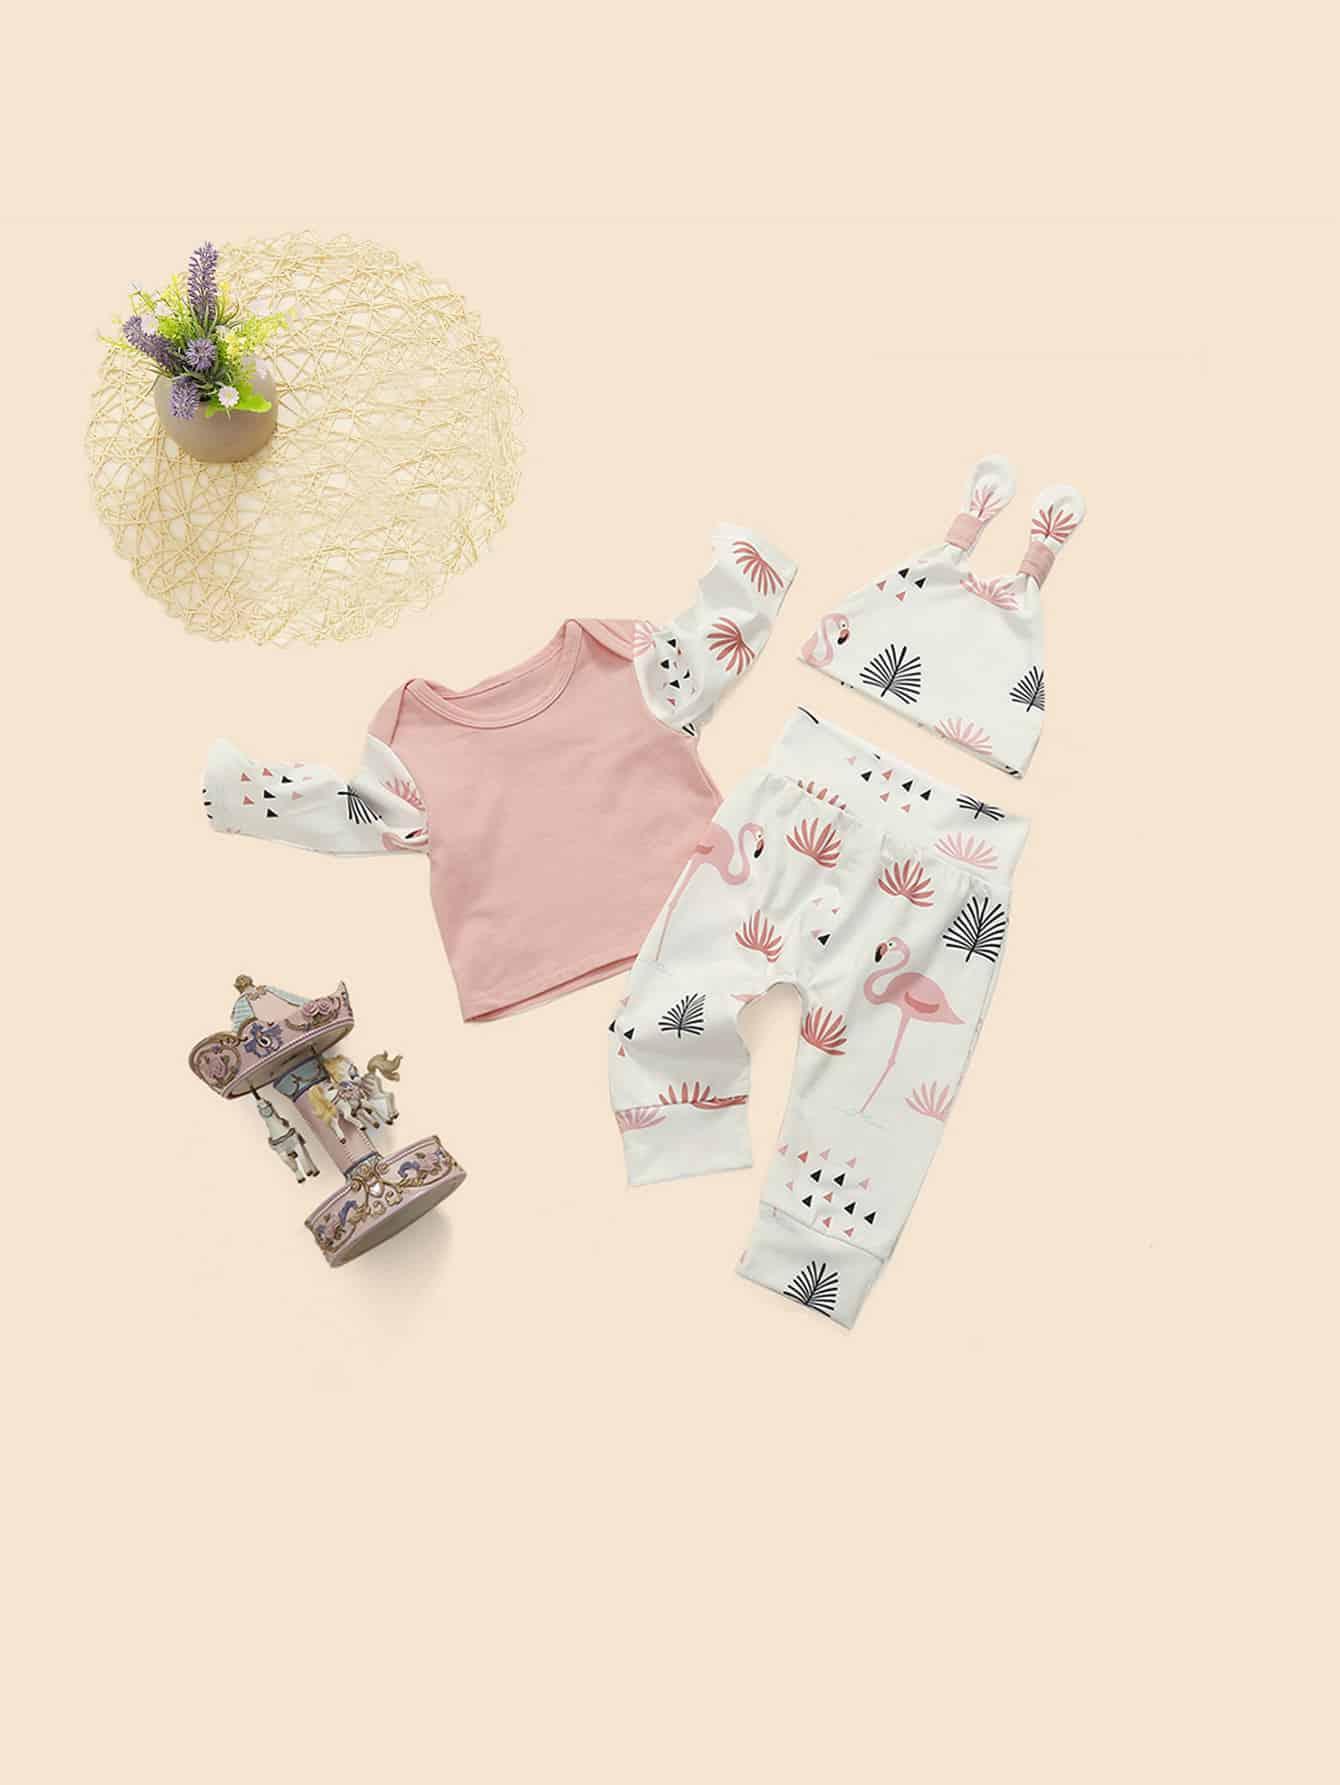 Купить Блуза с графическим принтом и брюки и шляпка для маленьких малышей, null, SheIn